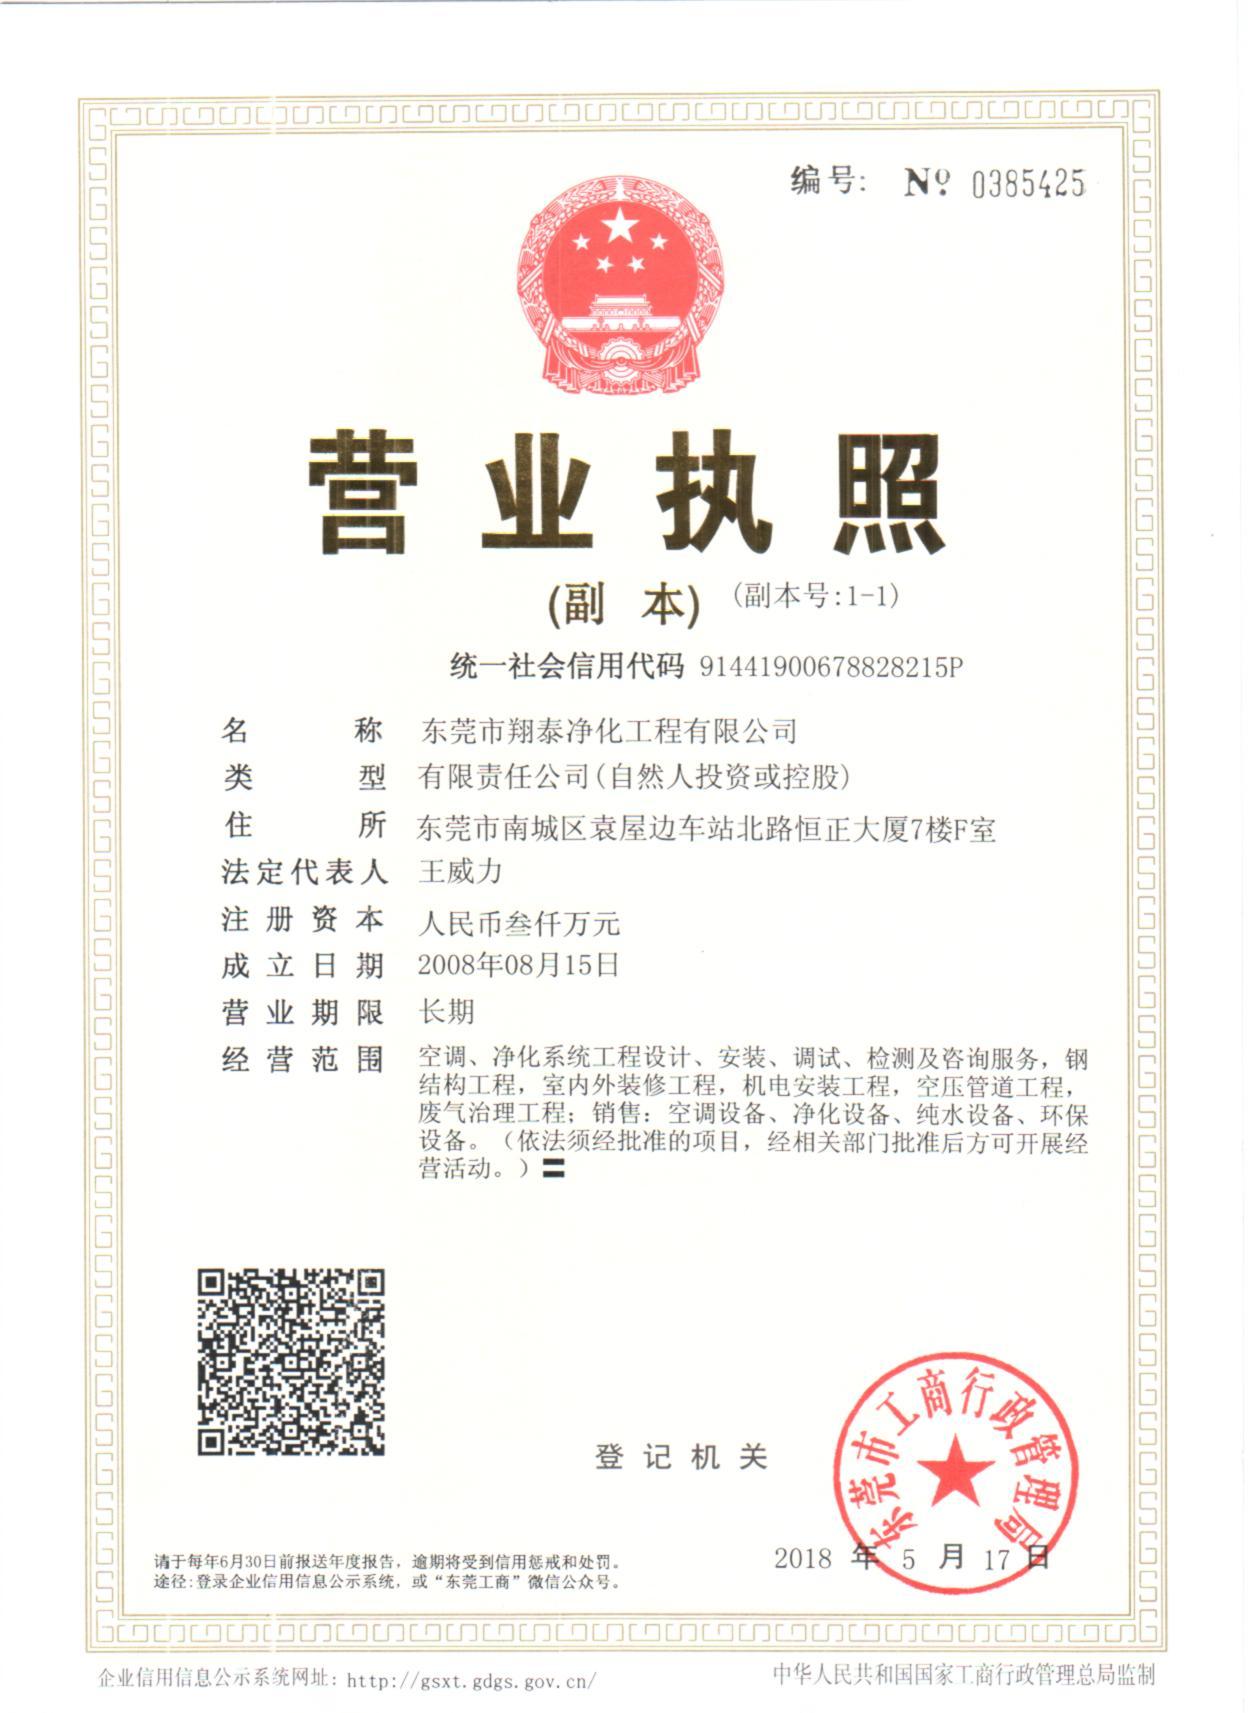 东莞市翔泰净化工程有限公司营业执照